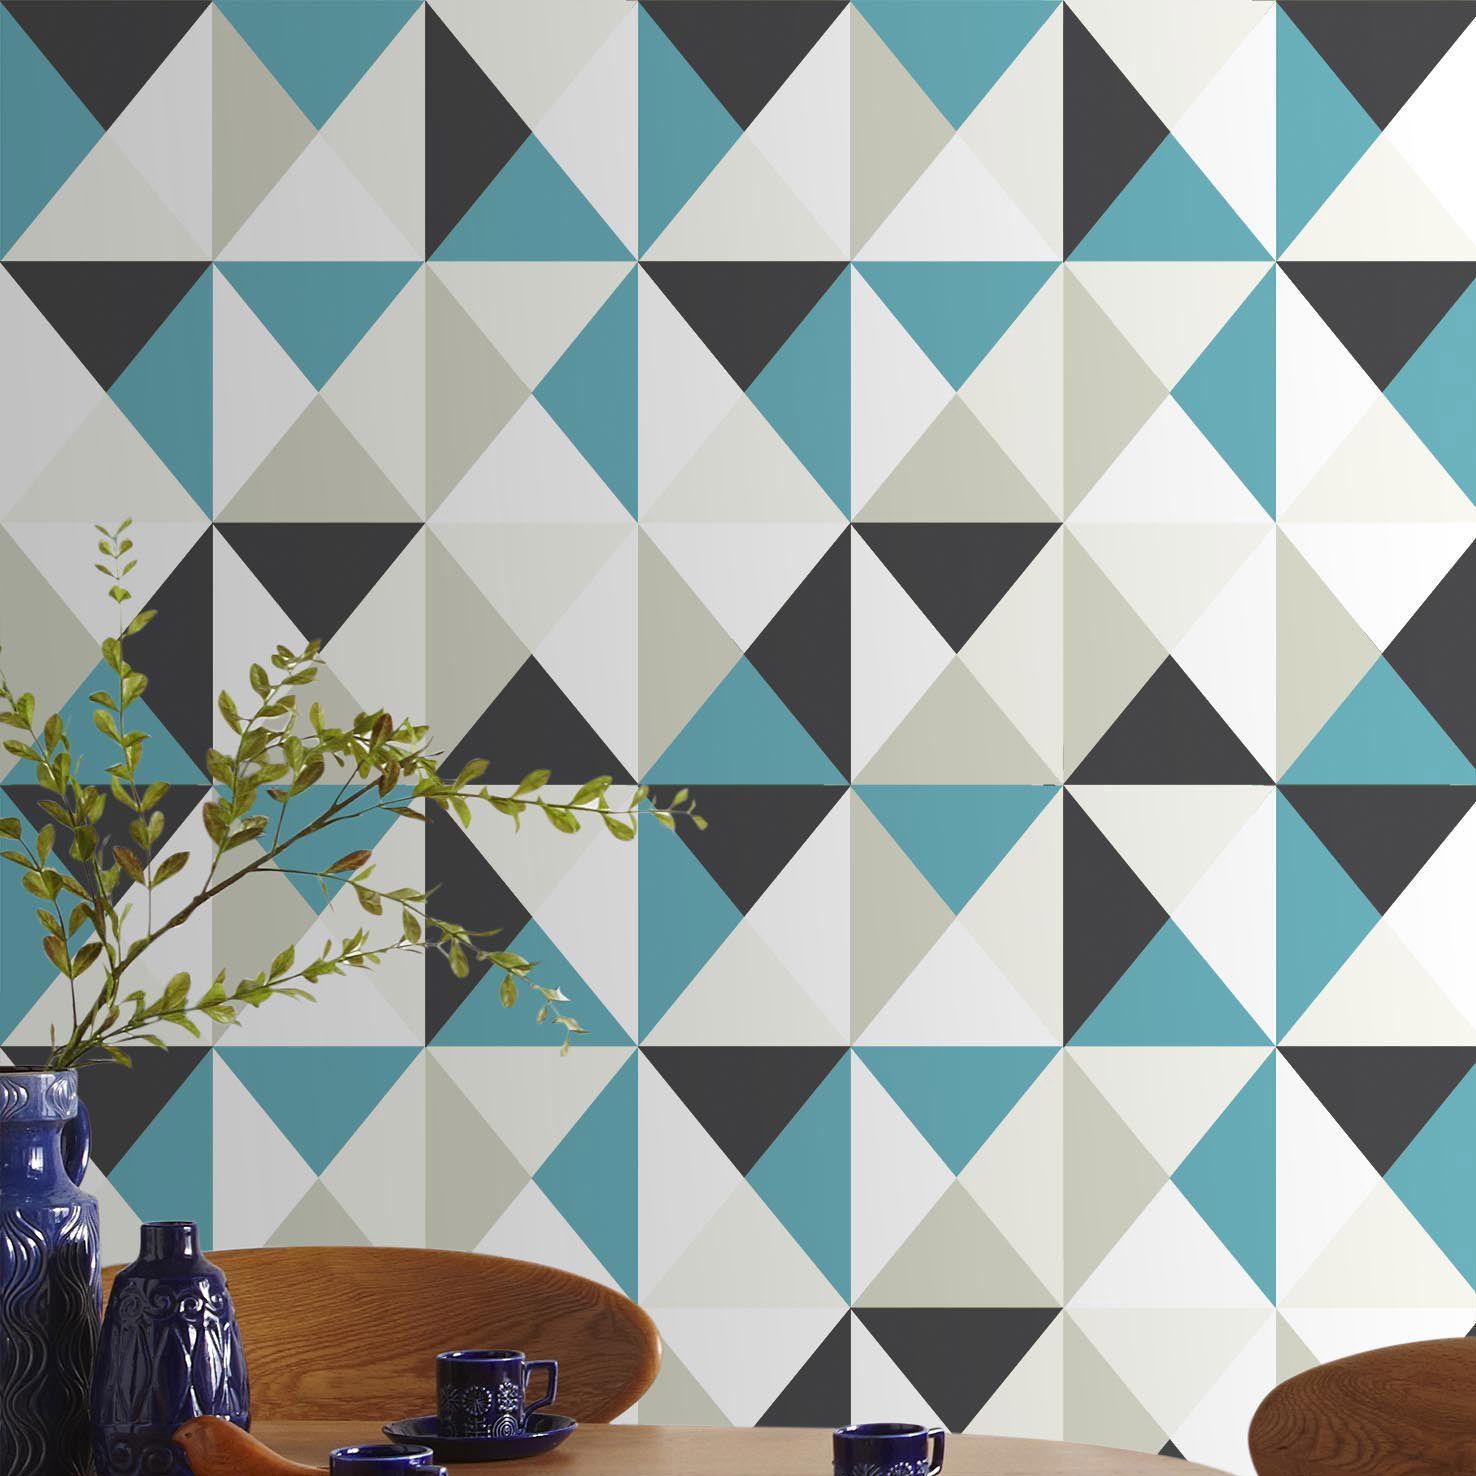 Papier Peint Intisse Polygone Bleu Papier Peint Papier Peint Geometrique Papier Peint Vinyle